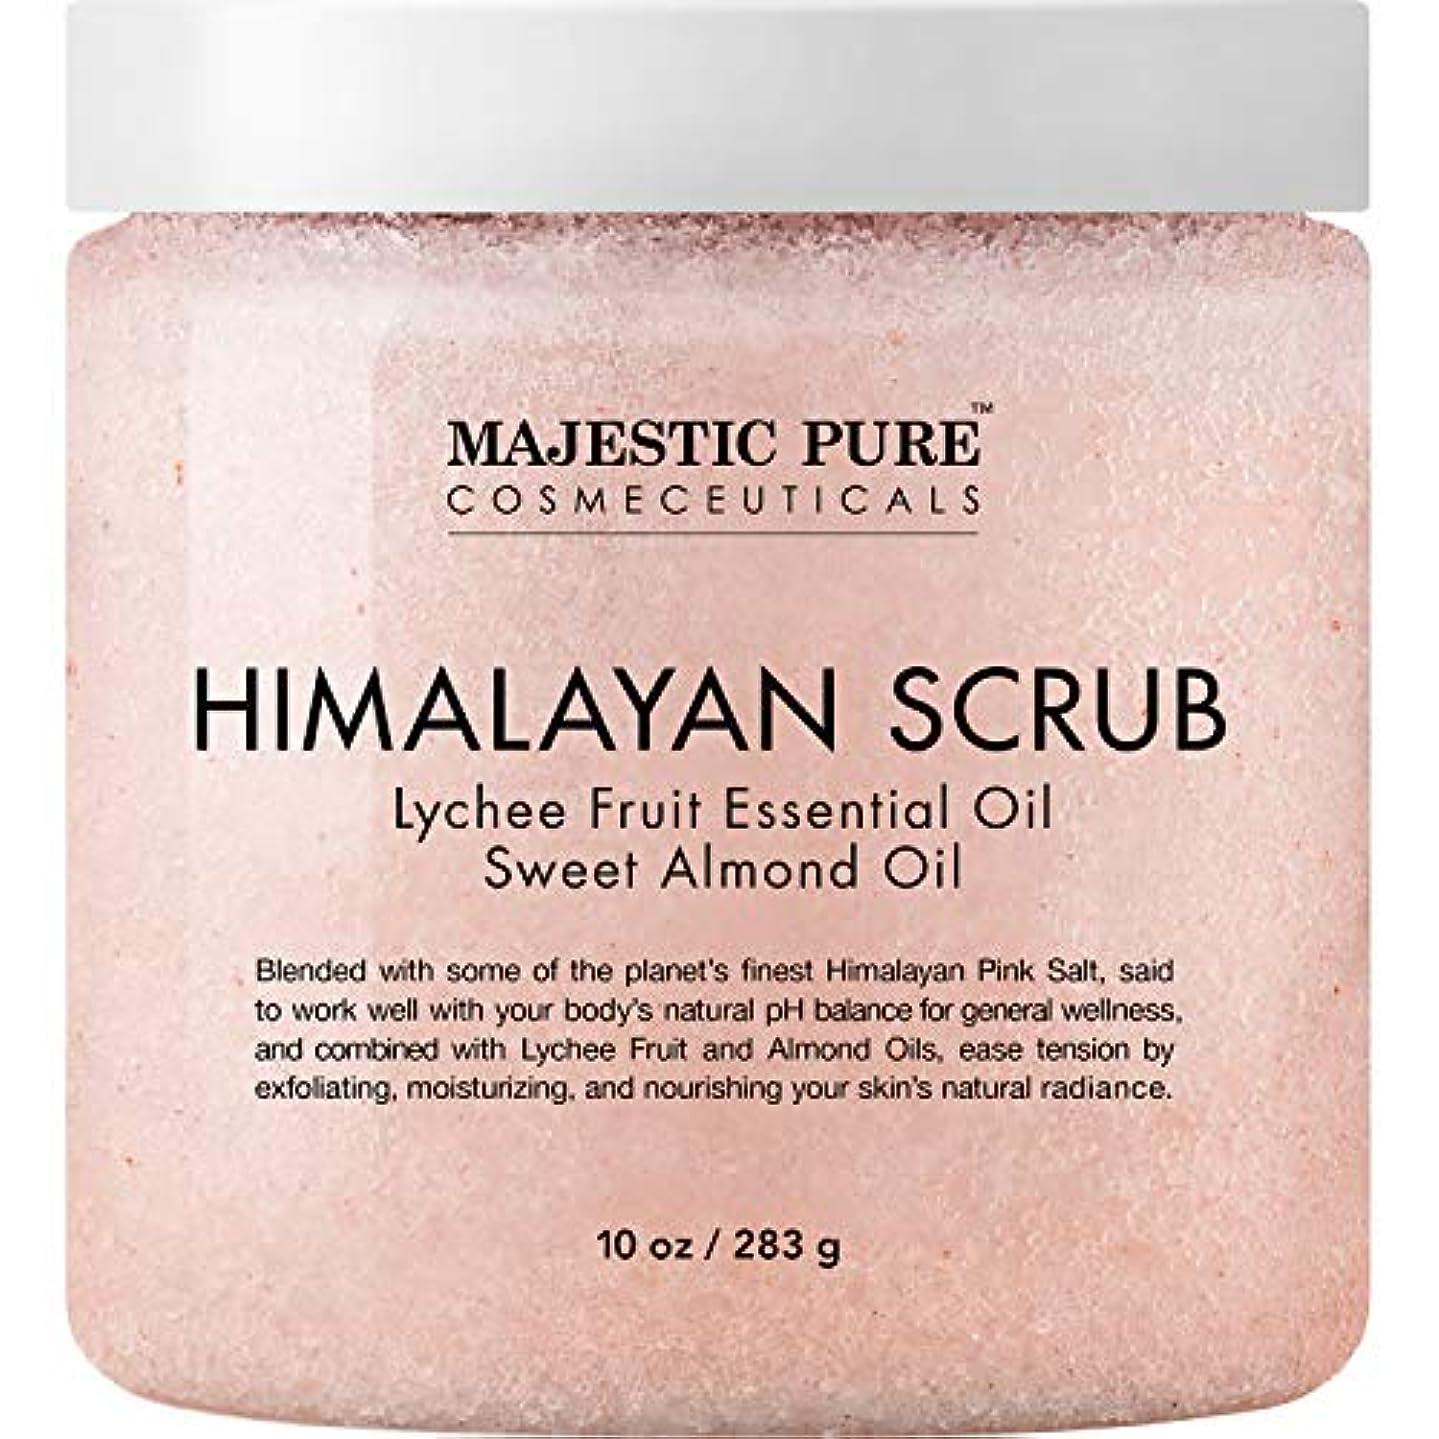 むしろガチョウ弾丸Himalayan Salt Body Scrub with Lychee Essential Oil 10 oz 283g ヒマラヤンソルトスクラブ ライチオイル